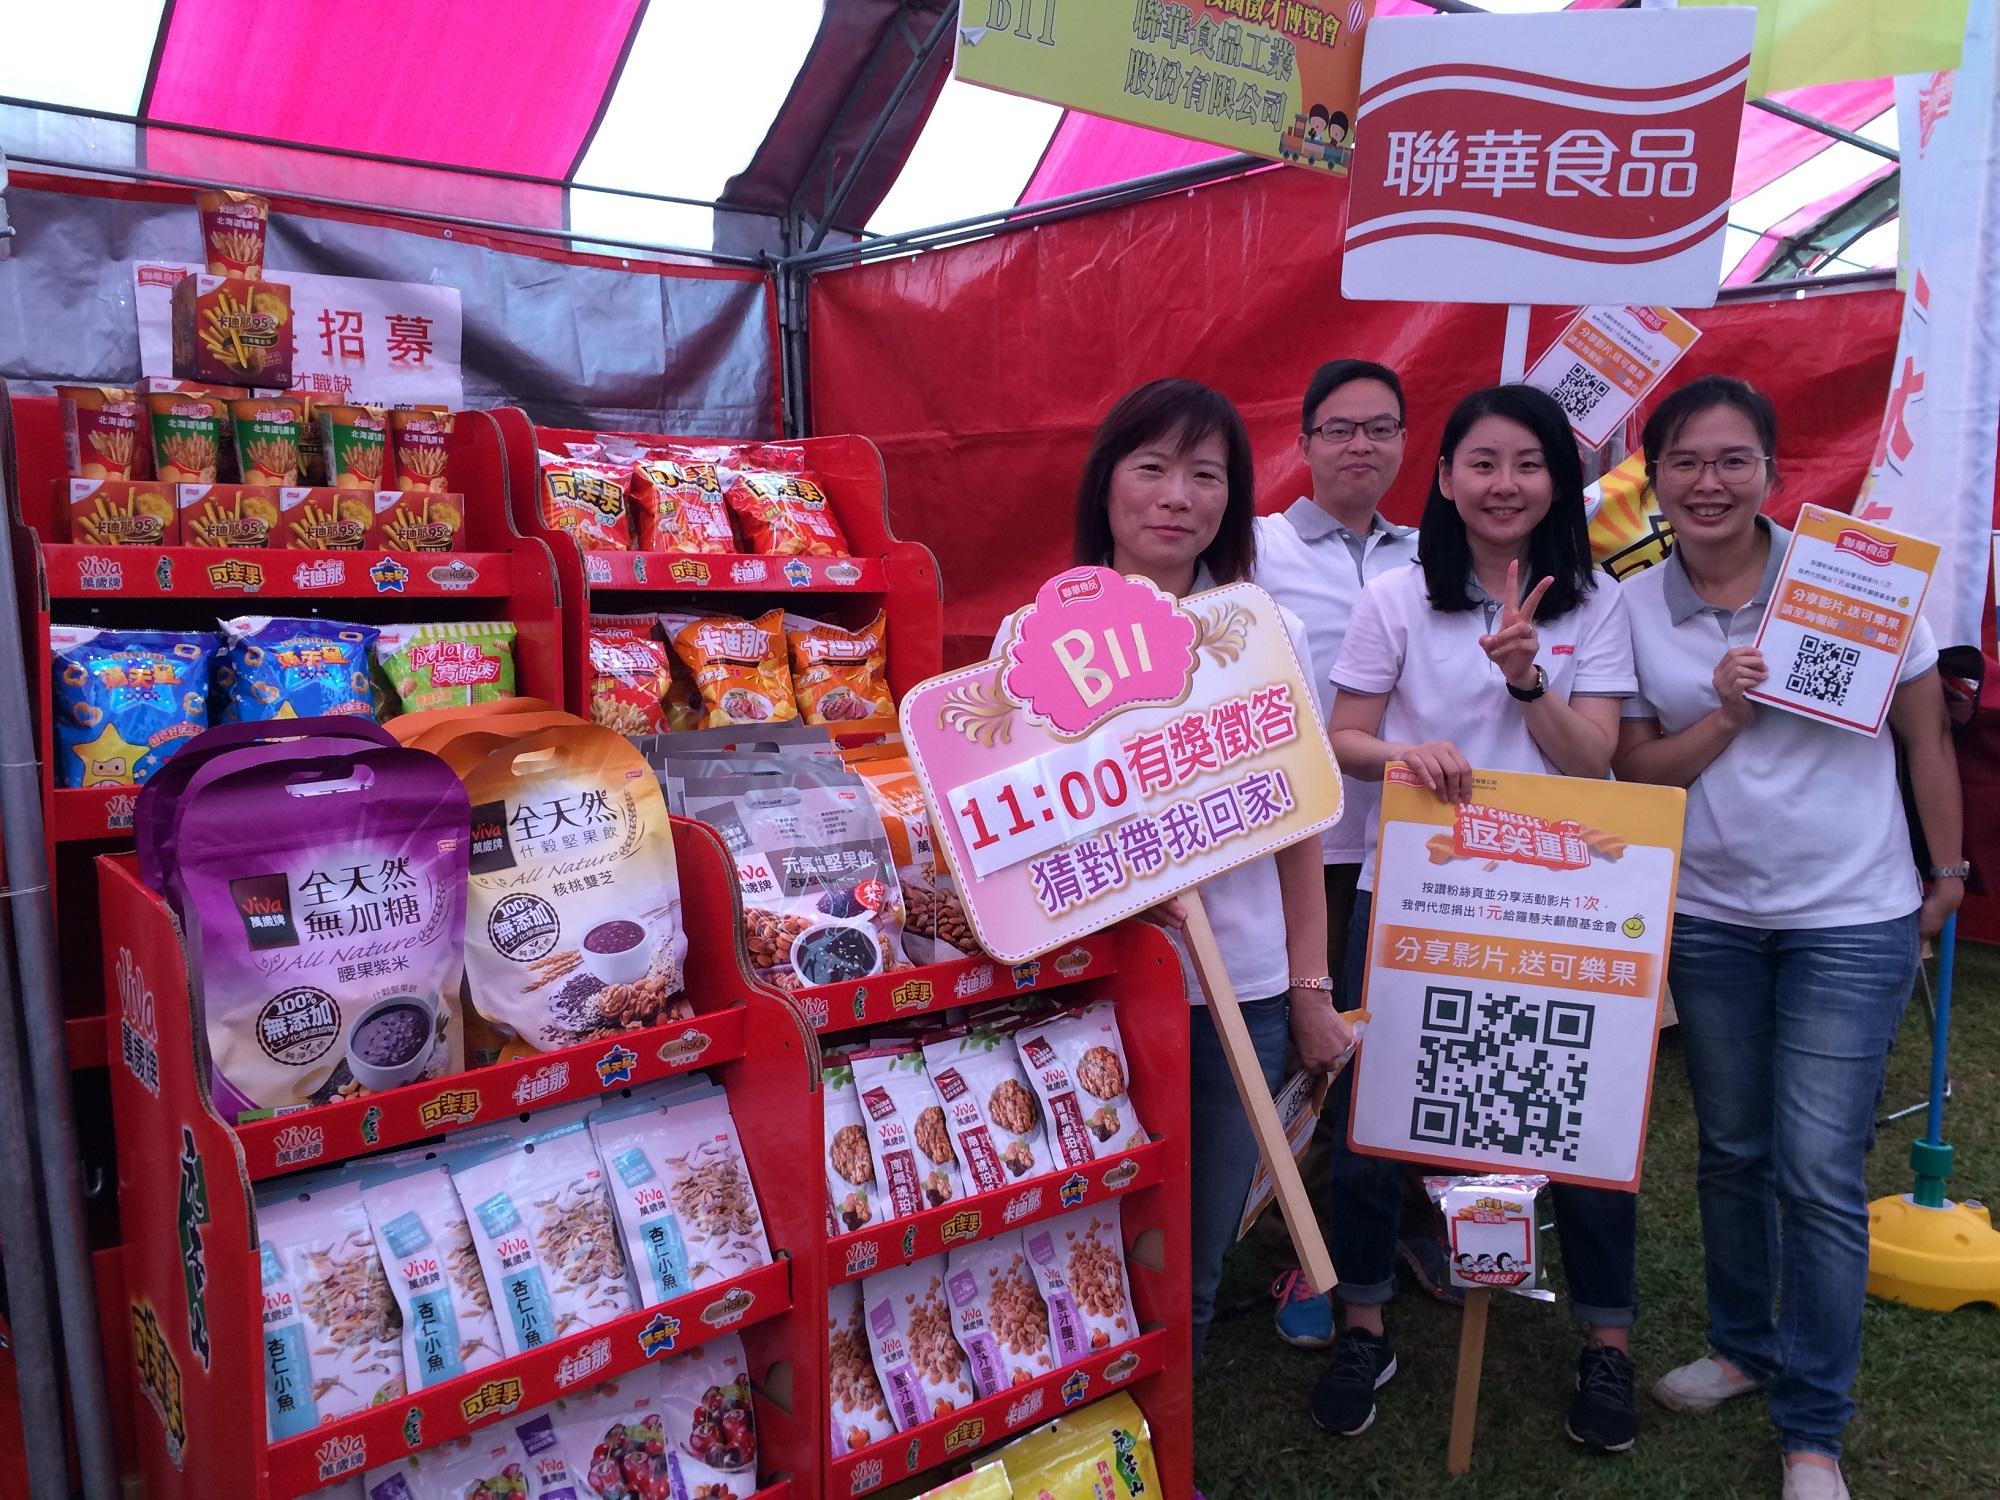 通稿照片-中原大學就業博覽會-聯華食品祭出各式自家小點心吸引學生到攤位諮詢.JPG